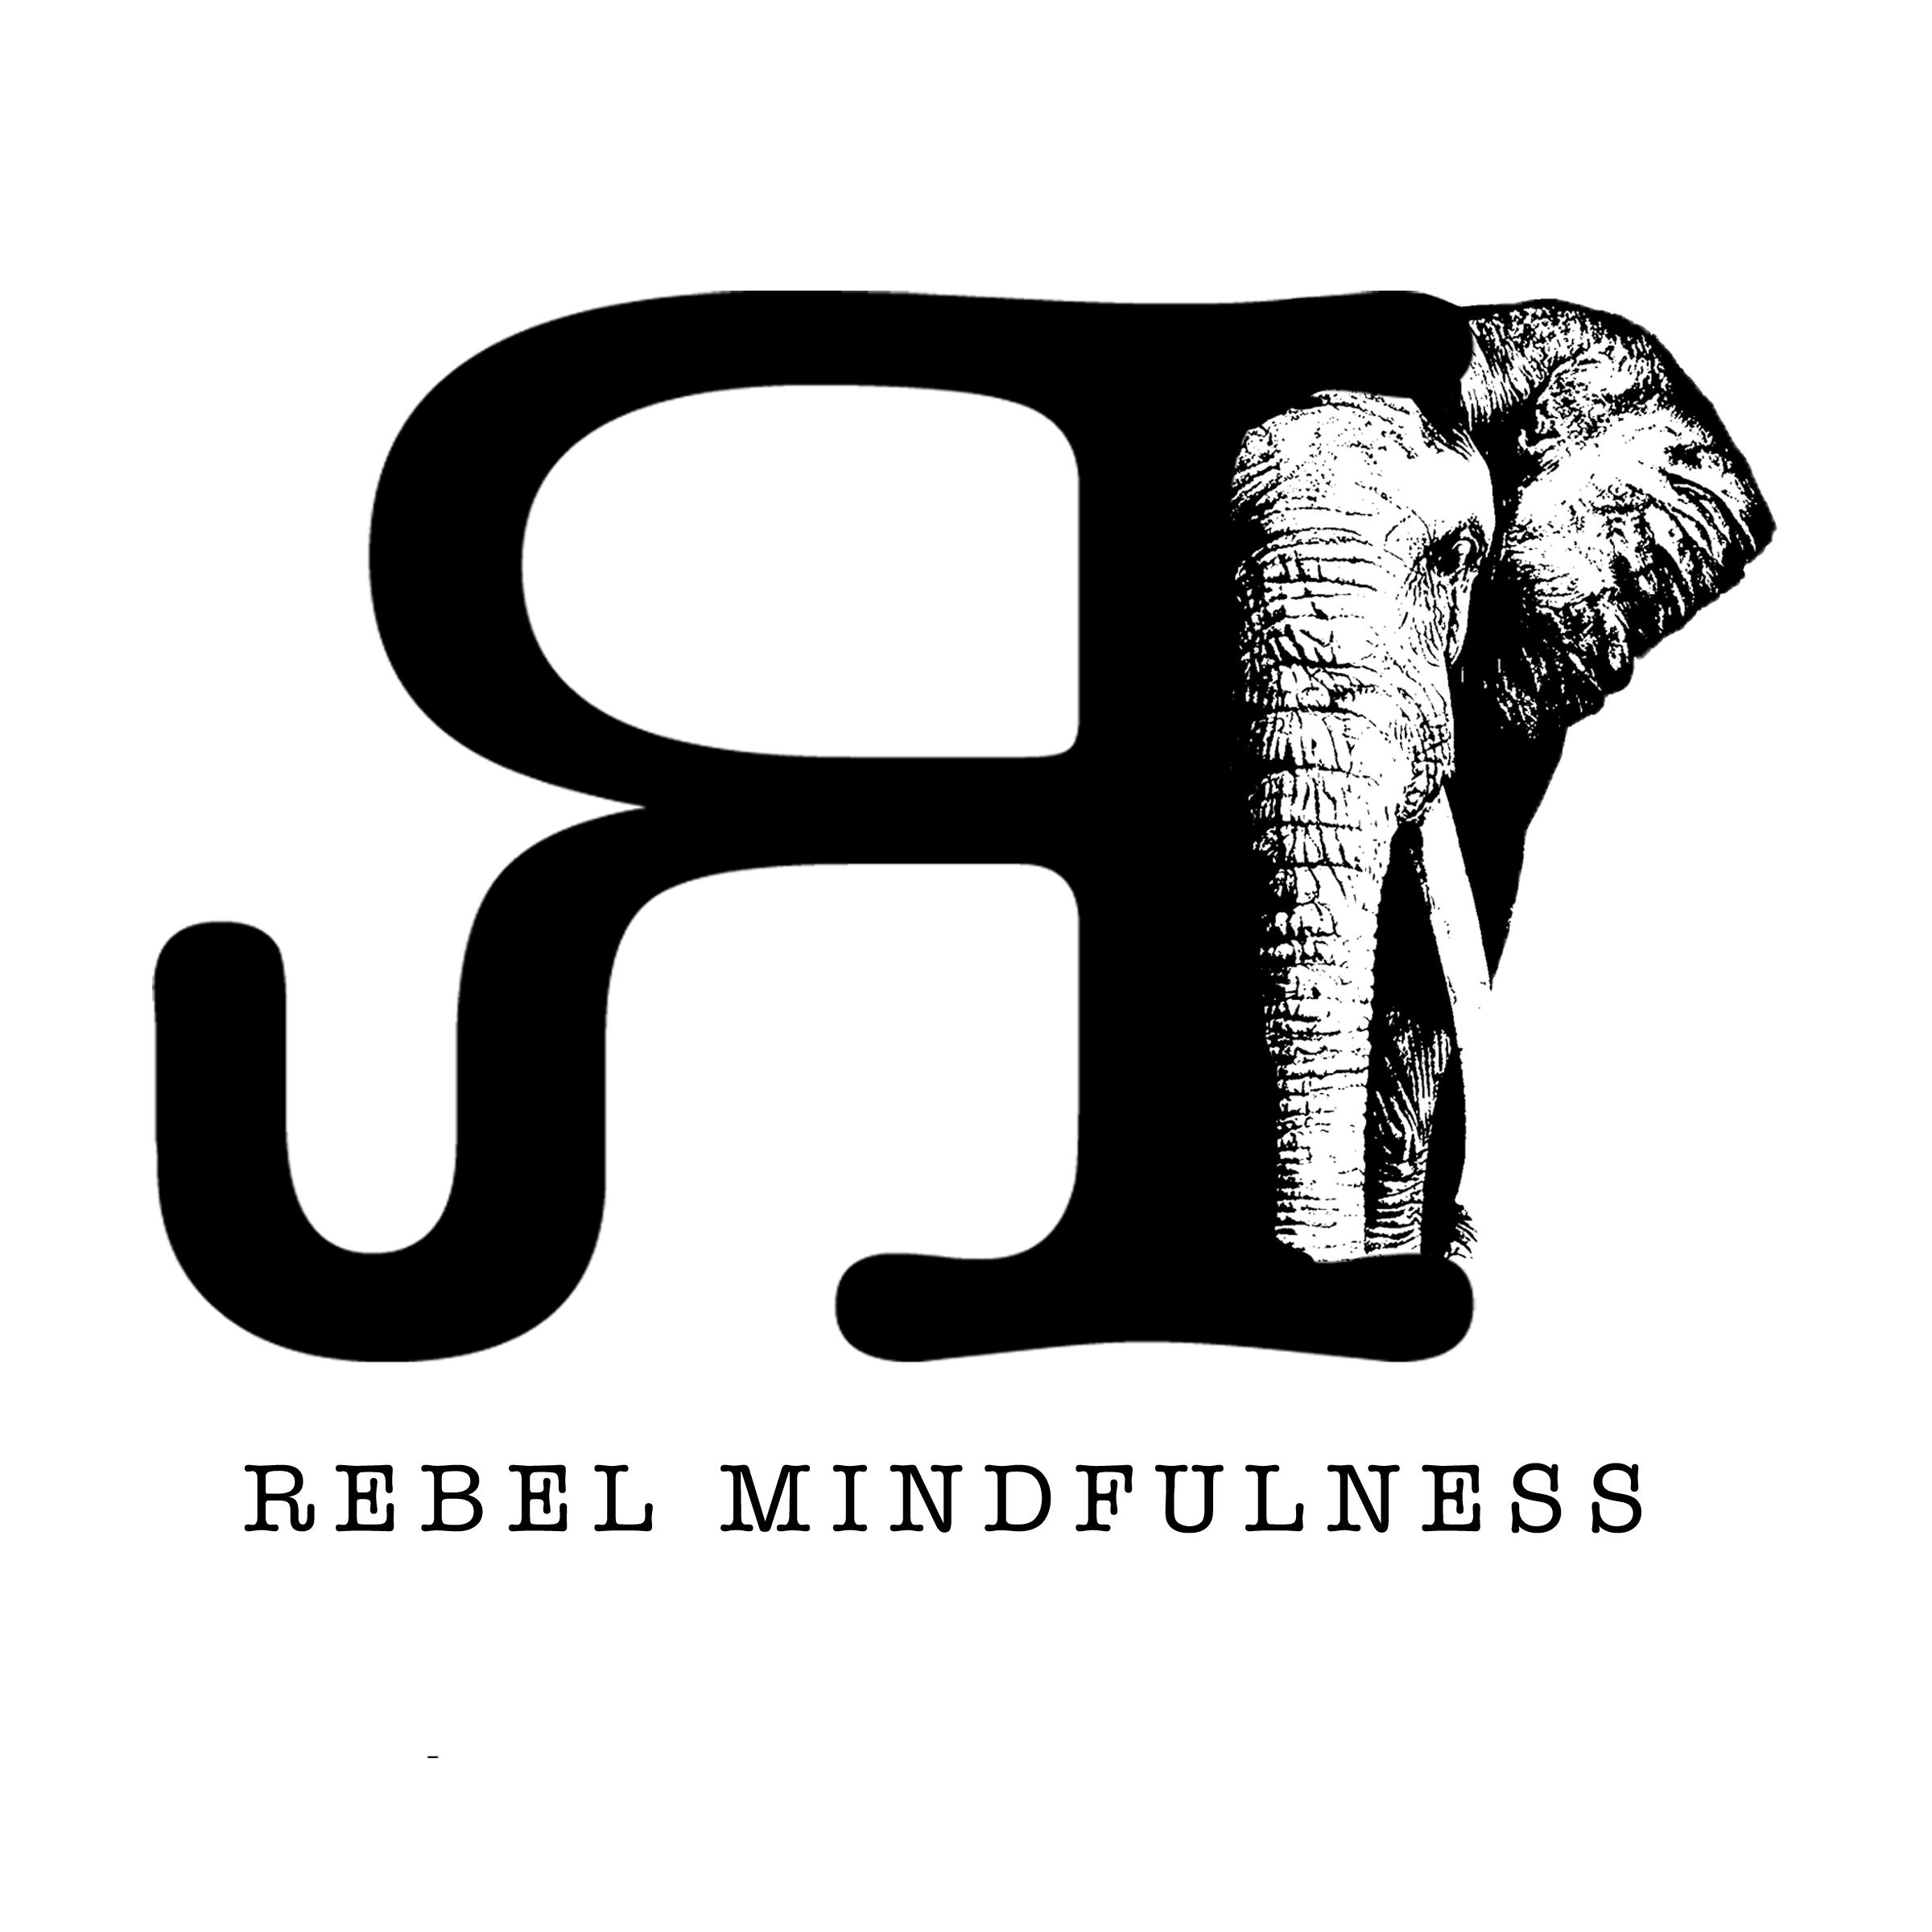 Rebel Mindfulness Elephant Logo